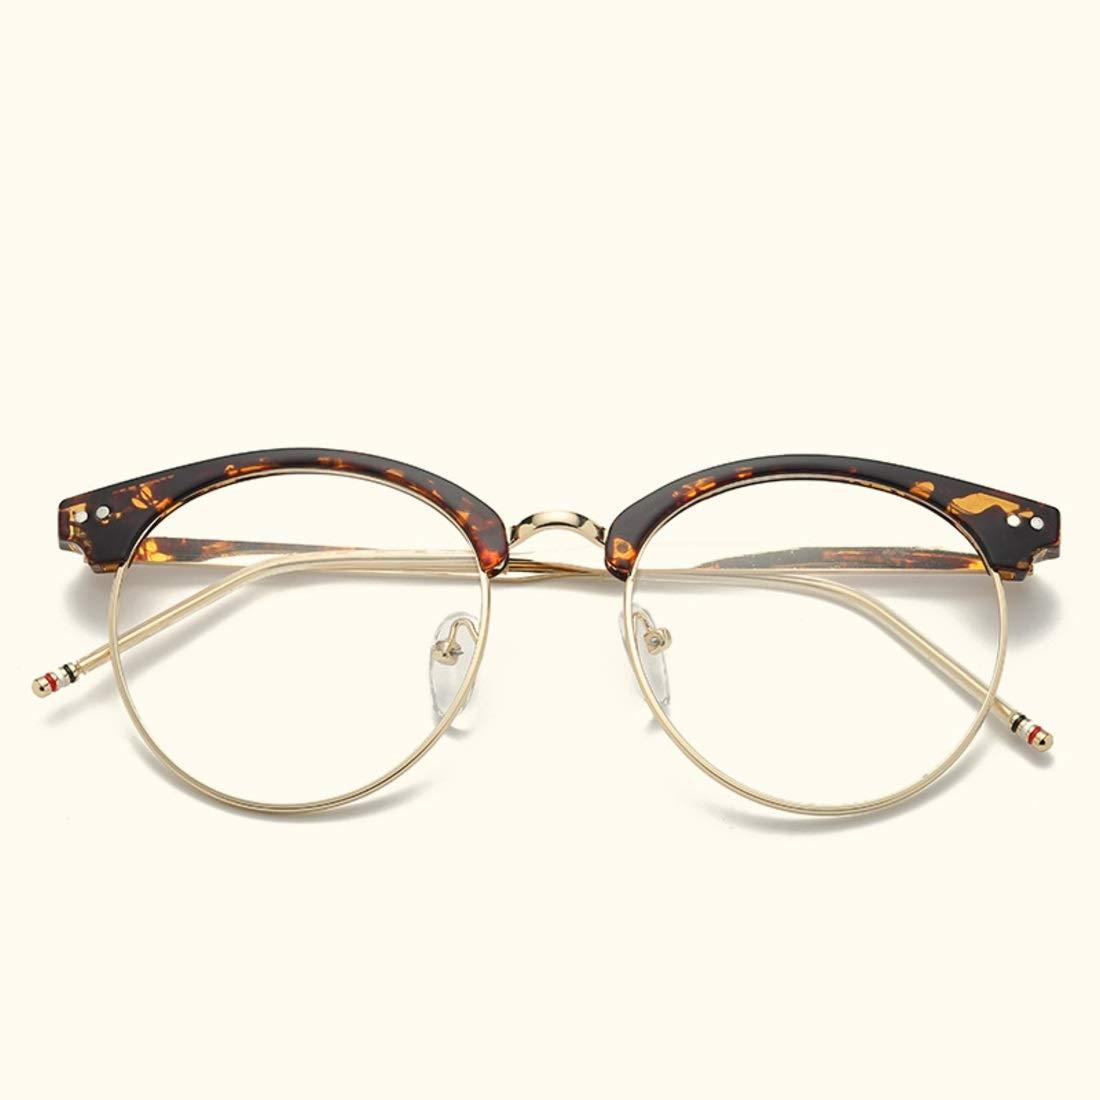 P Prettyia 5er Set Einstellbare Multicolor Sonnenbrillen Kette Schnur Brillenhalter Brillen Halter kette Brillenband Brillenkette